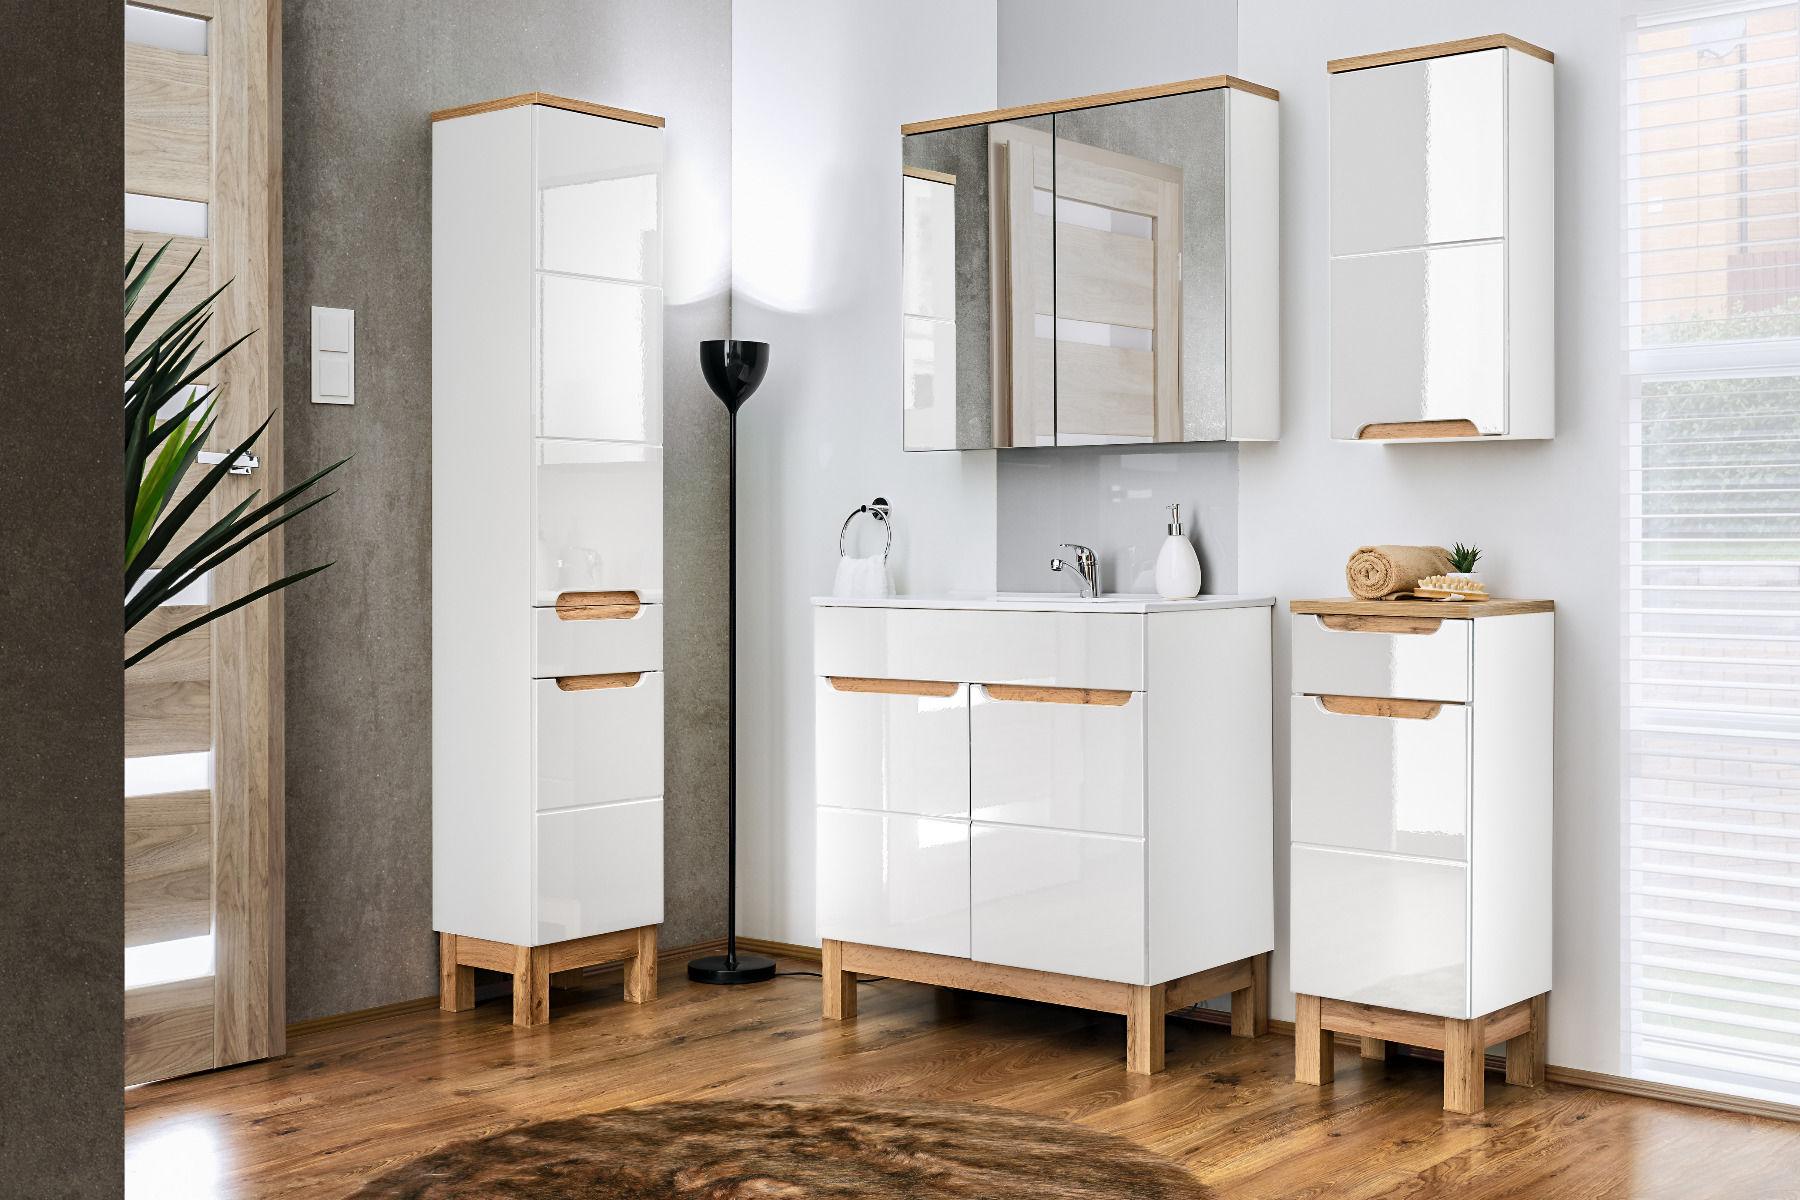 Szafka łazienkowa BALI 841 biała z lustrem  Kupuj w Sprawdzonych sklepach